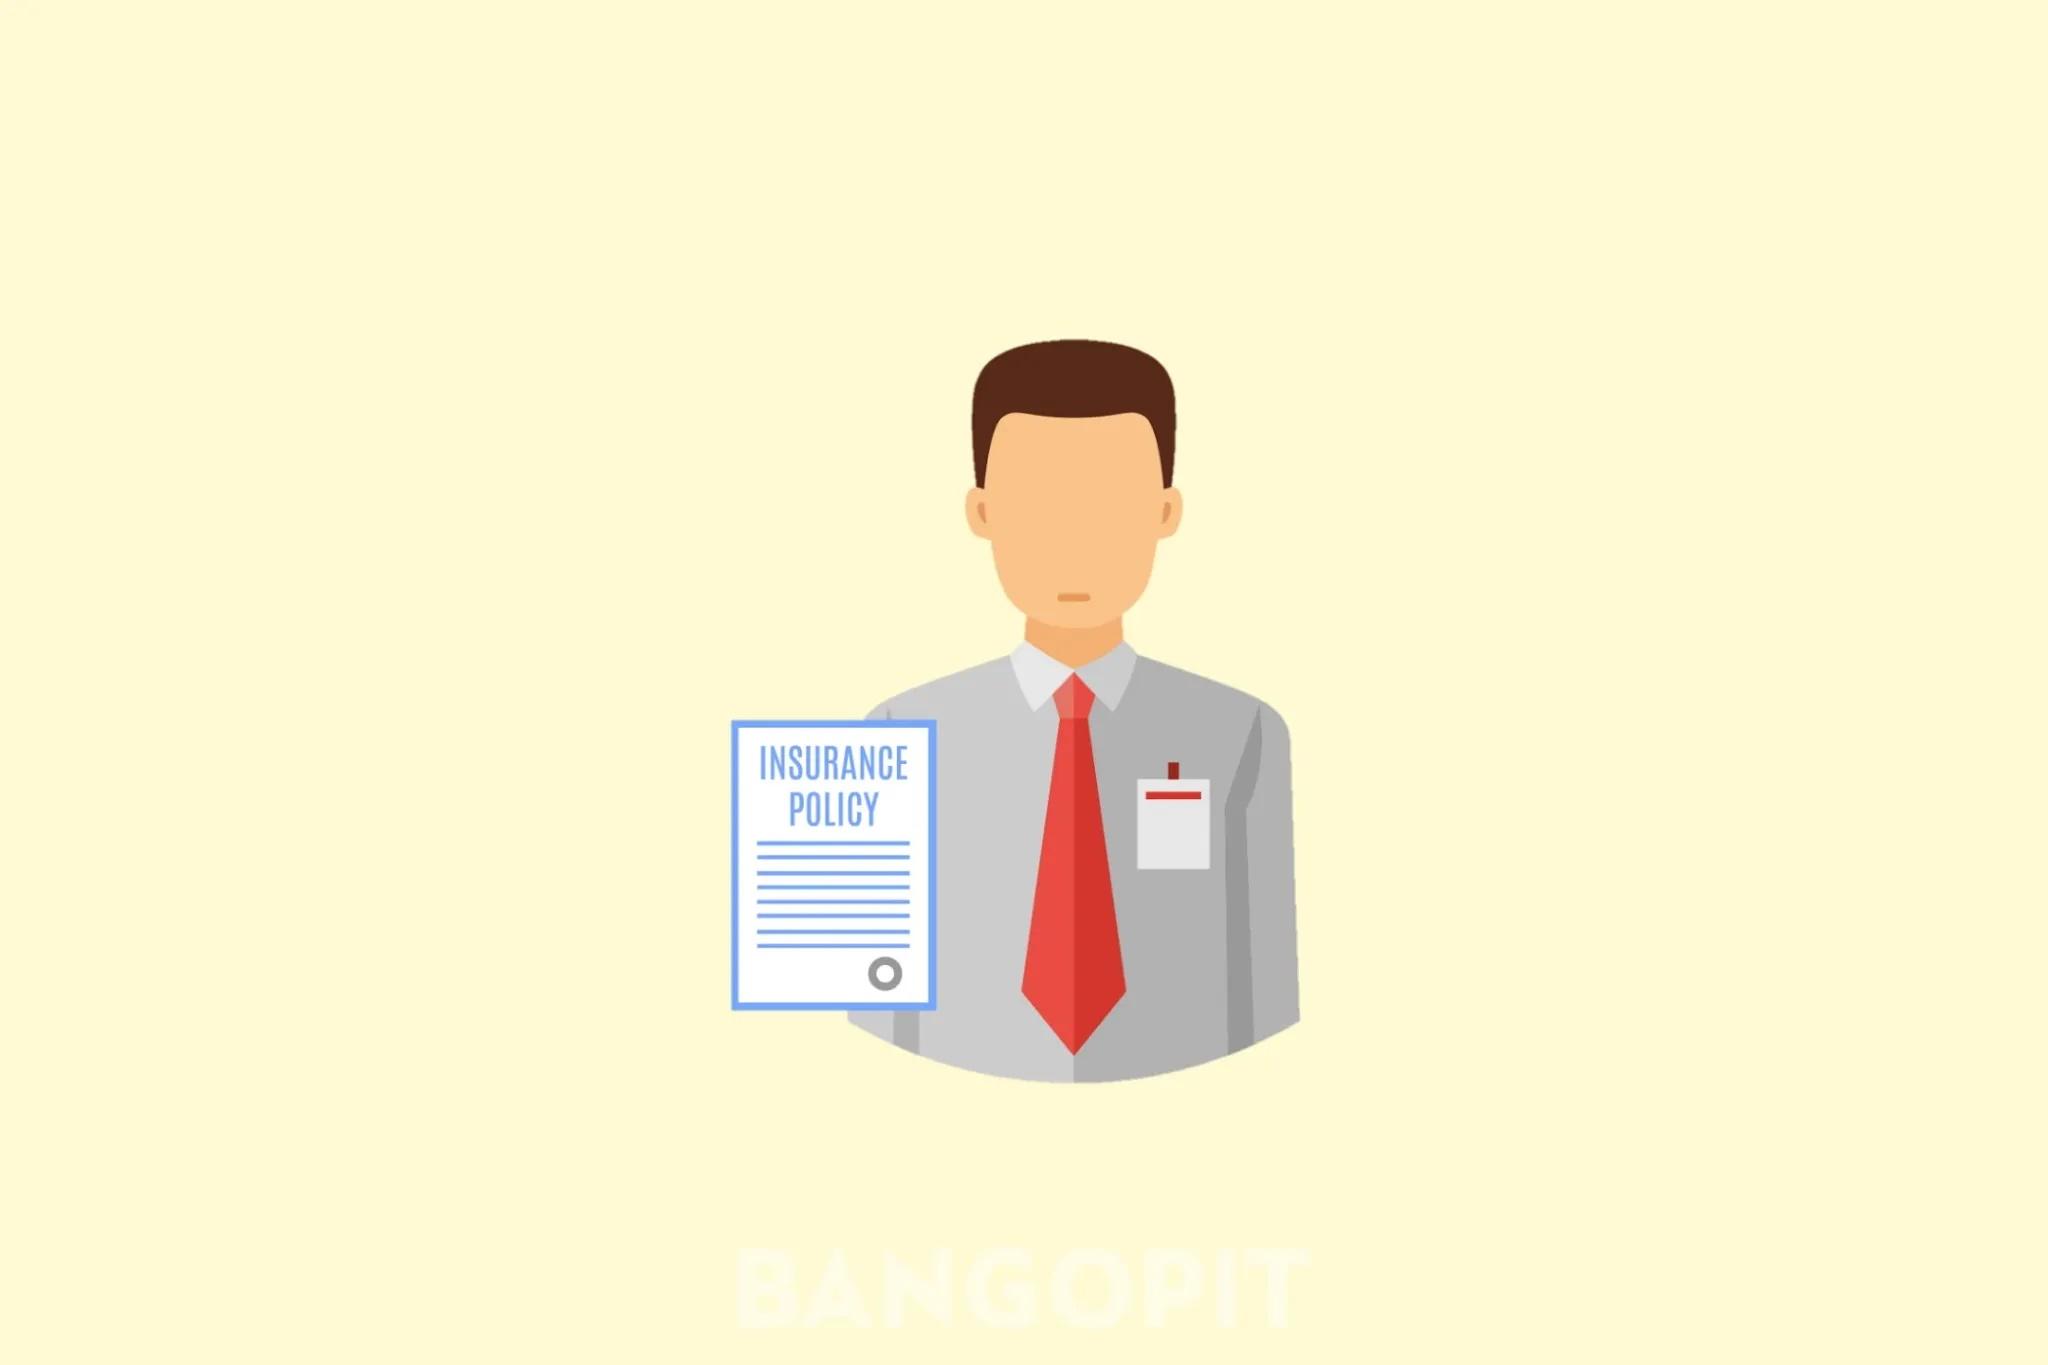 Manfaat Menggunakan Asuransi Tenaga Kerja